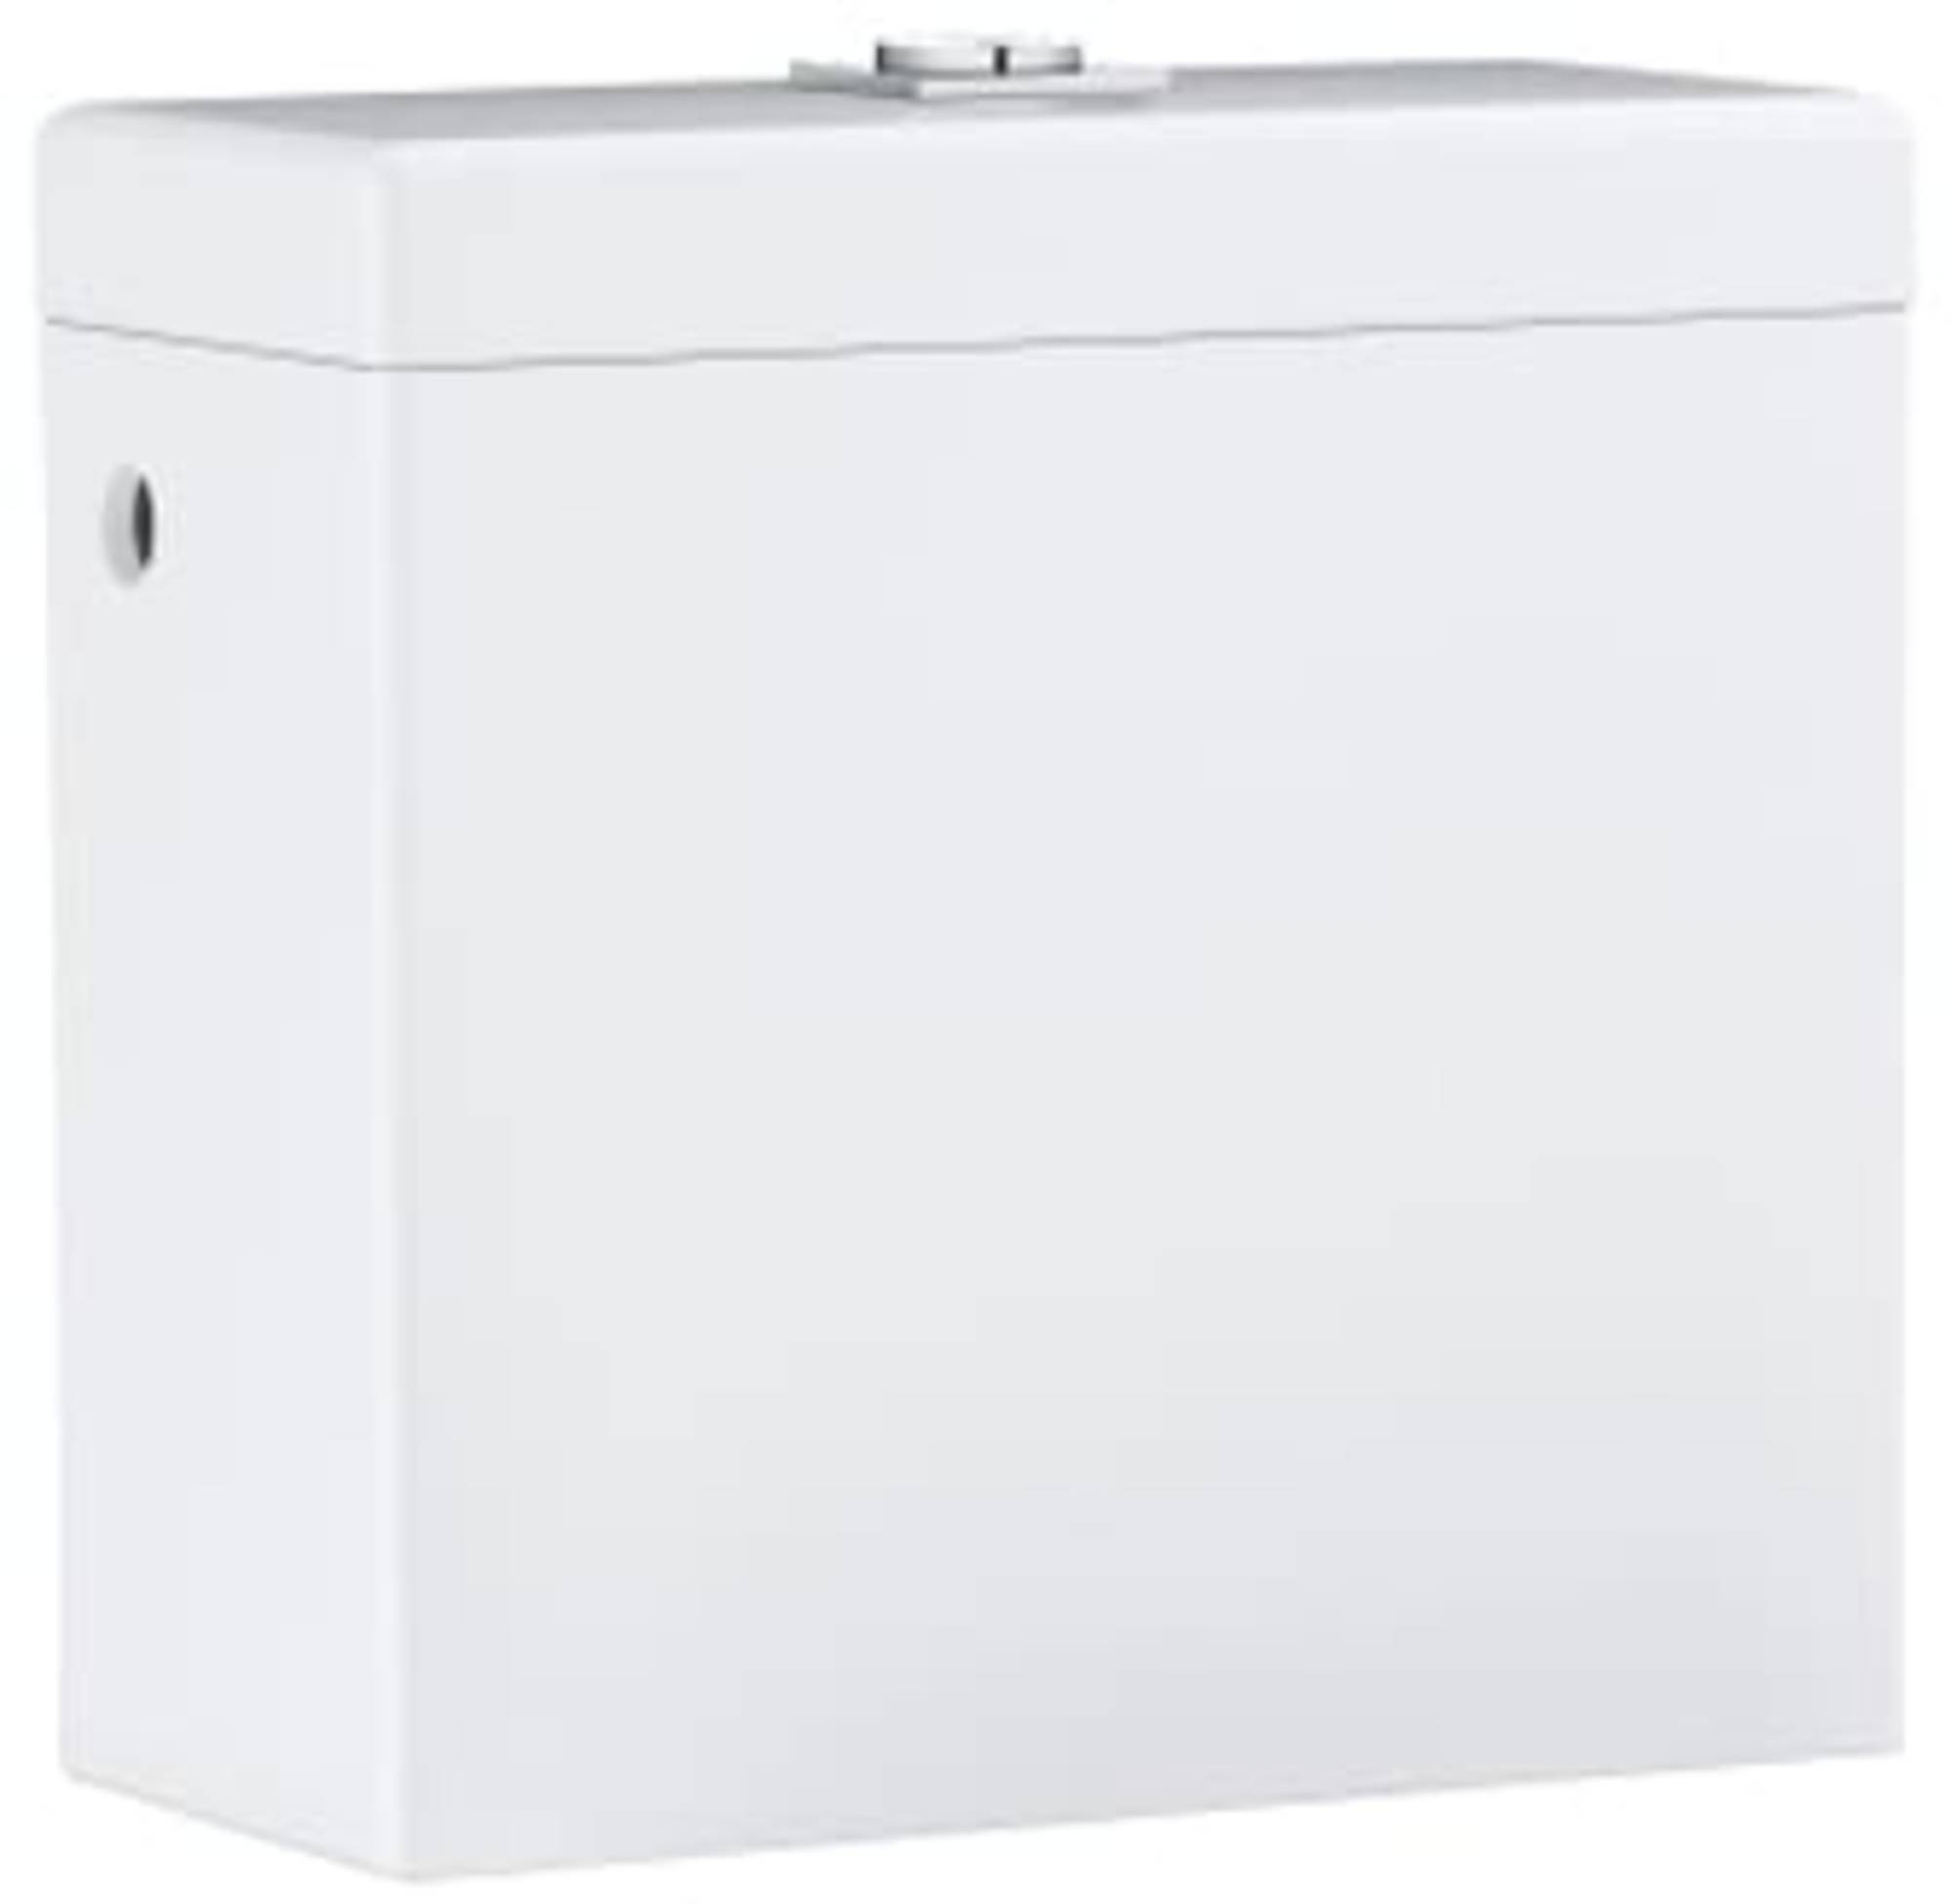 Productafbeelding van Grohe Cube Duoblokreservoir Opbouw met zijaansluiting 37x17x36,5 cm Keramiek Wit